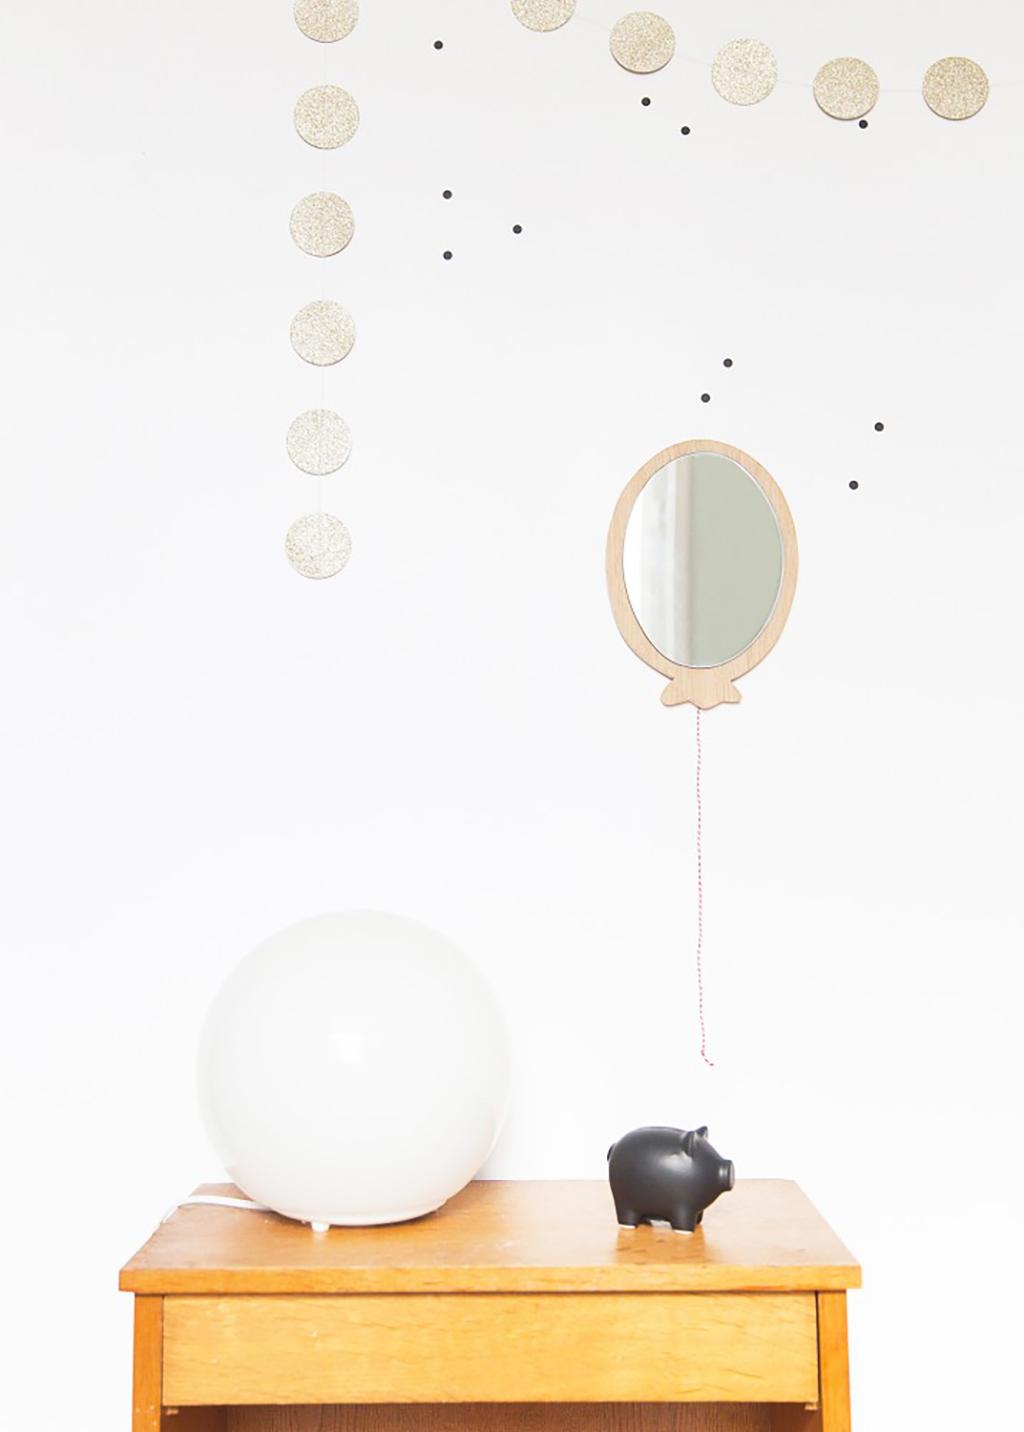 miroir-ballon